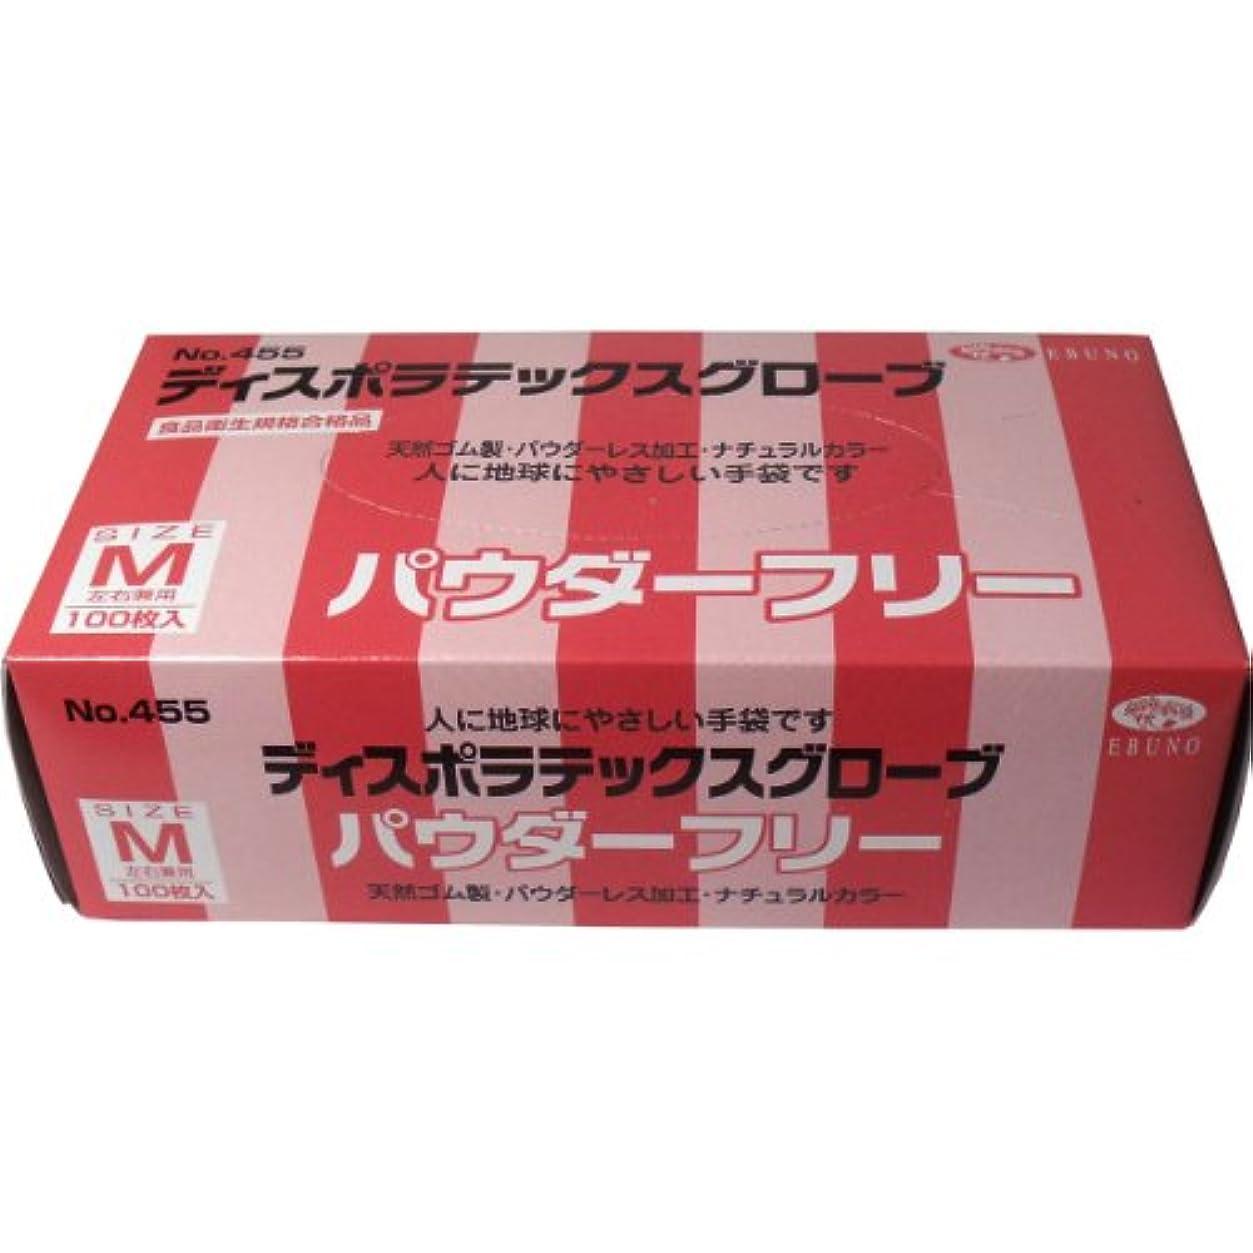 毎回水平啓発するディスポ ラテックスグローブ(天然ゴム手袋) パウダーフリー Mサイズ 100枚入×10個セット